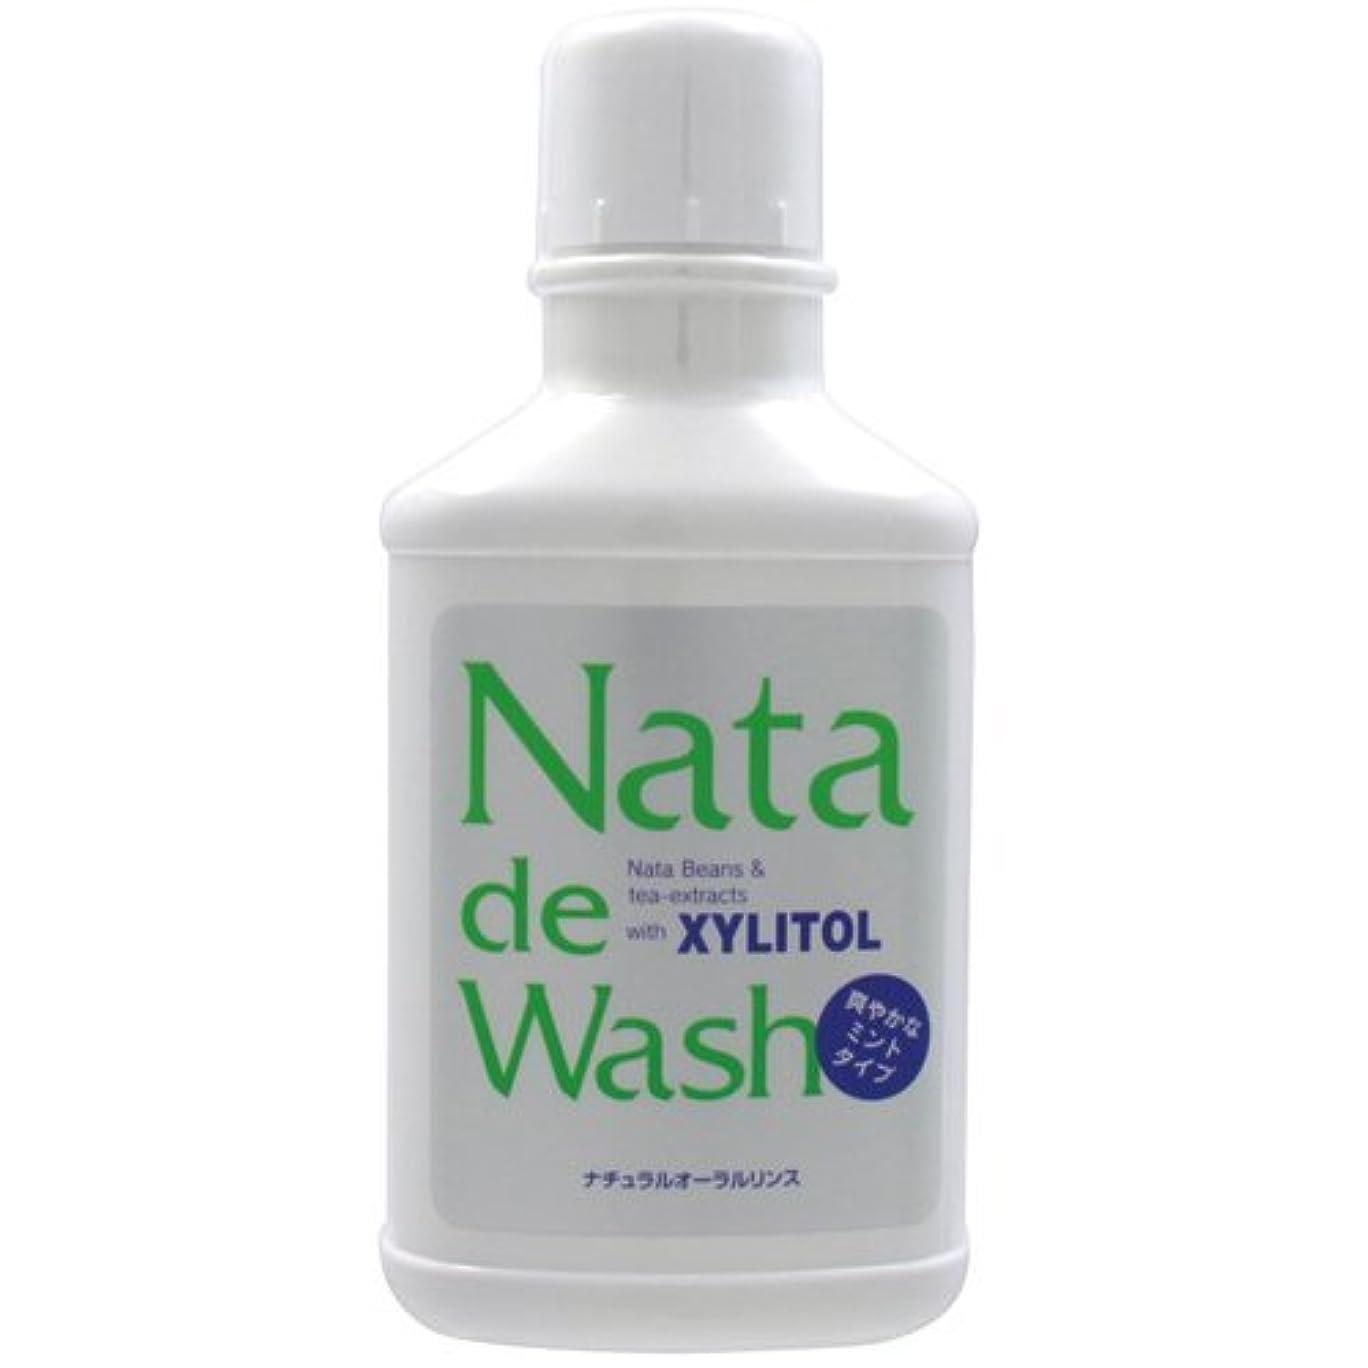 熱意磨かれた雄弁なナタデウォッシュ 500ml 口臭予防 歯磨きの後にお勧め ナタデ ウォッシュ